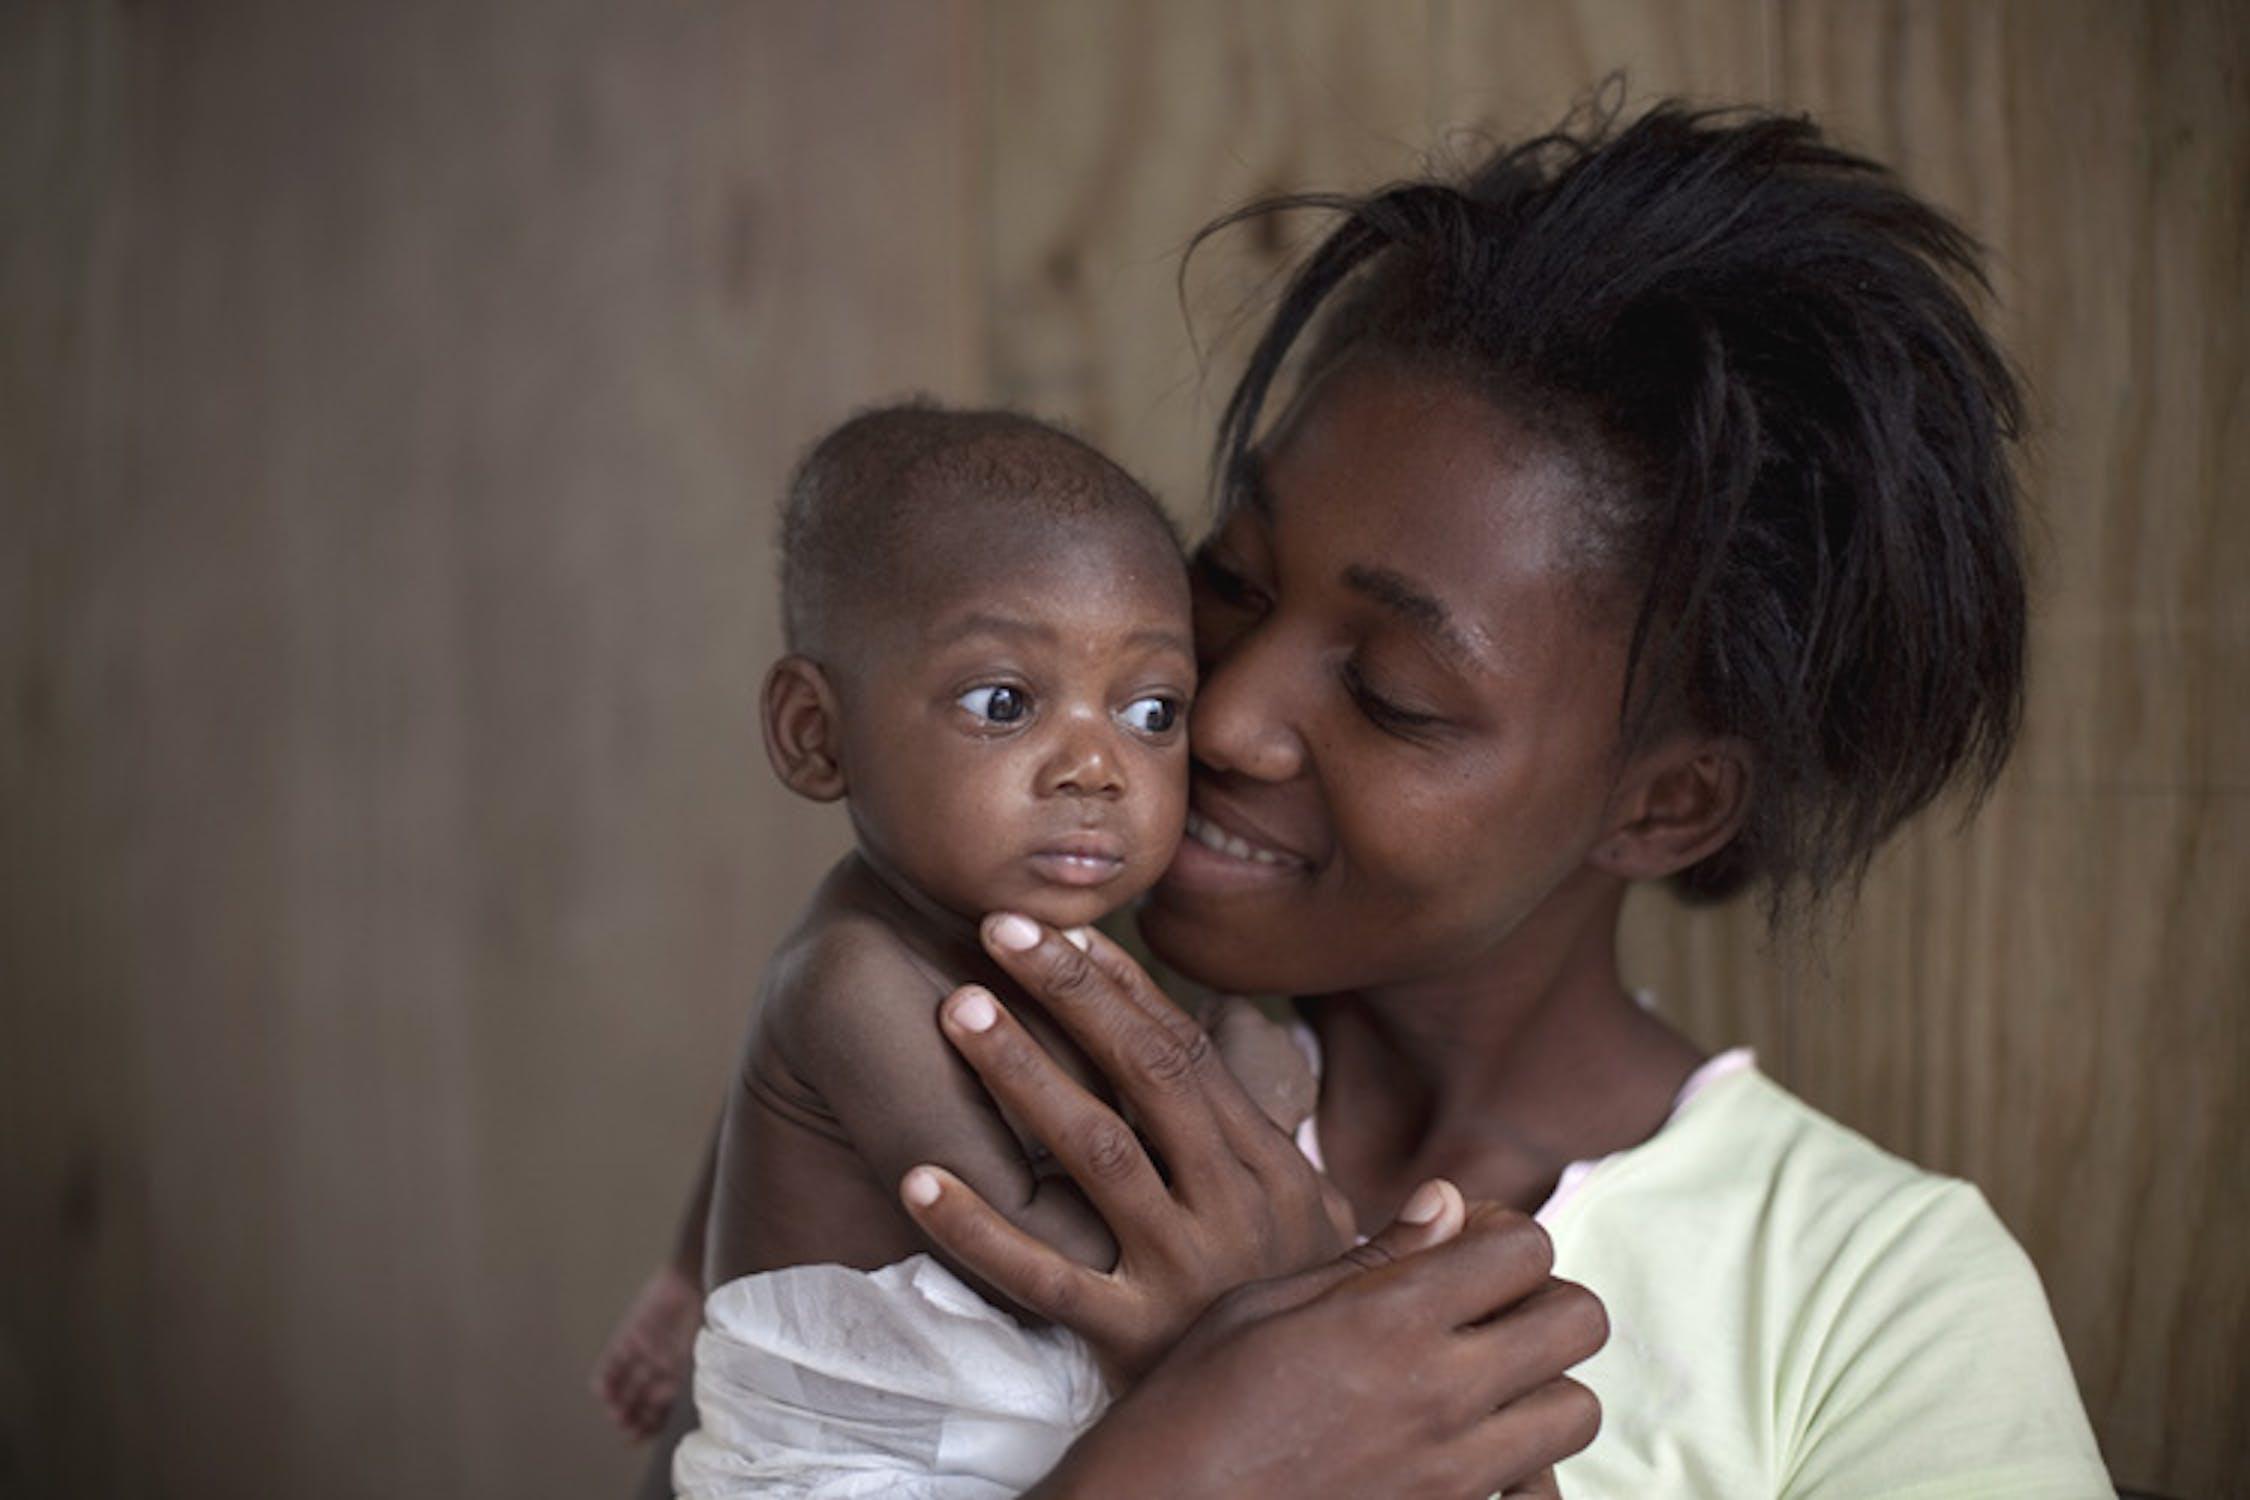 Bambini di Haiti in un campo per sfollati - ©UNICEF/NYHQ2010-1269/Ramoneda